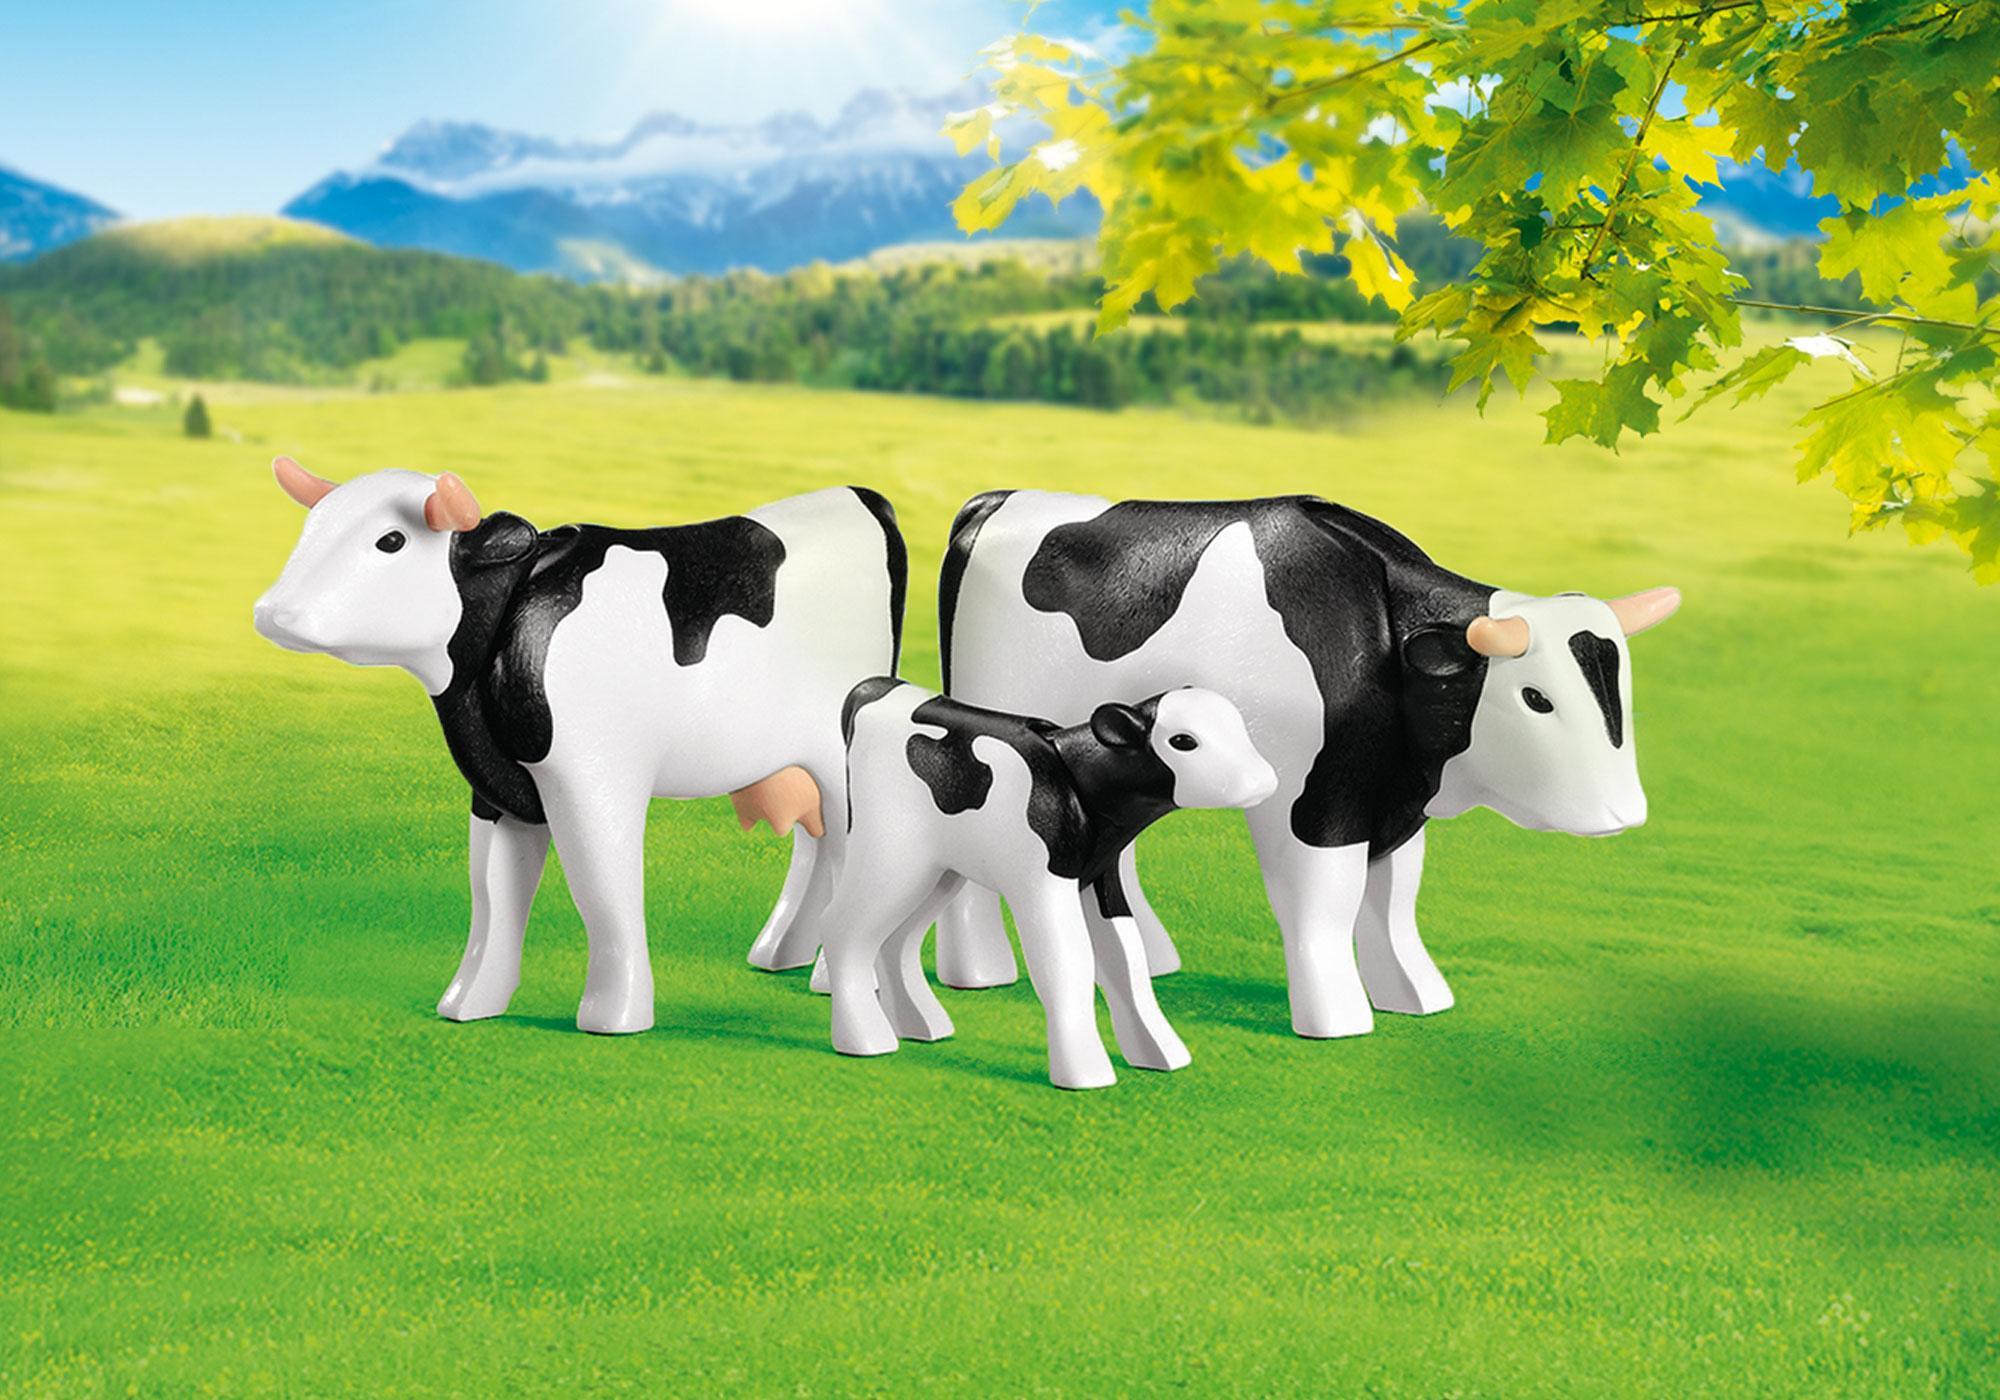 http://media.playmobil.com/i/playmobil/7892_product_detail/2 Zwarte koeien met kalfje